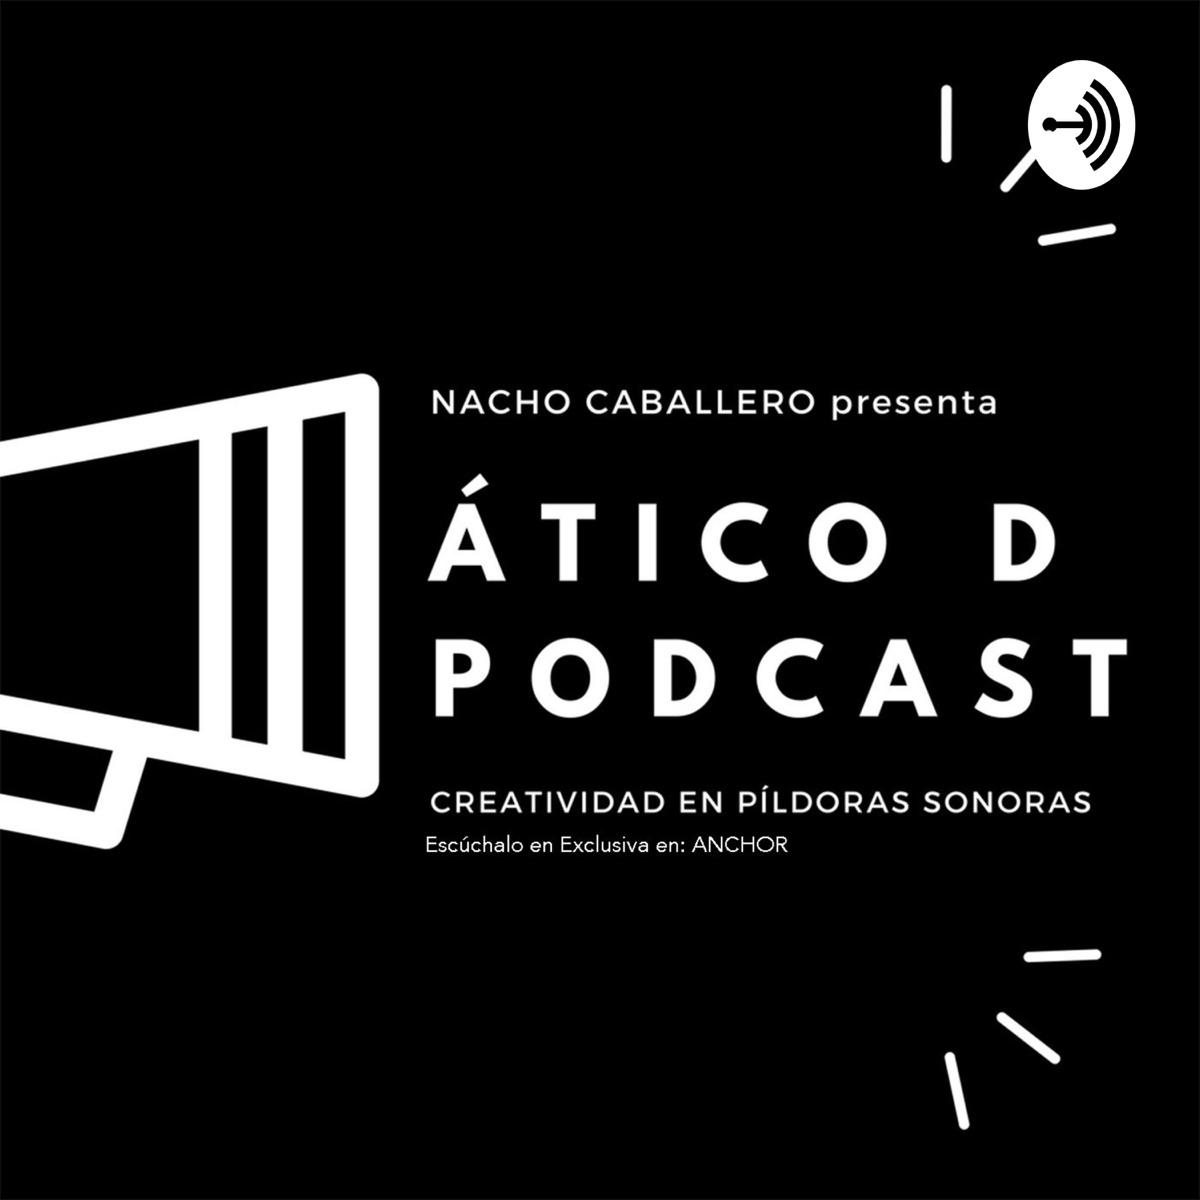 ÁTICO D PODCAST. Creatividad en píldoras sonoras.